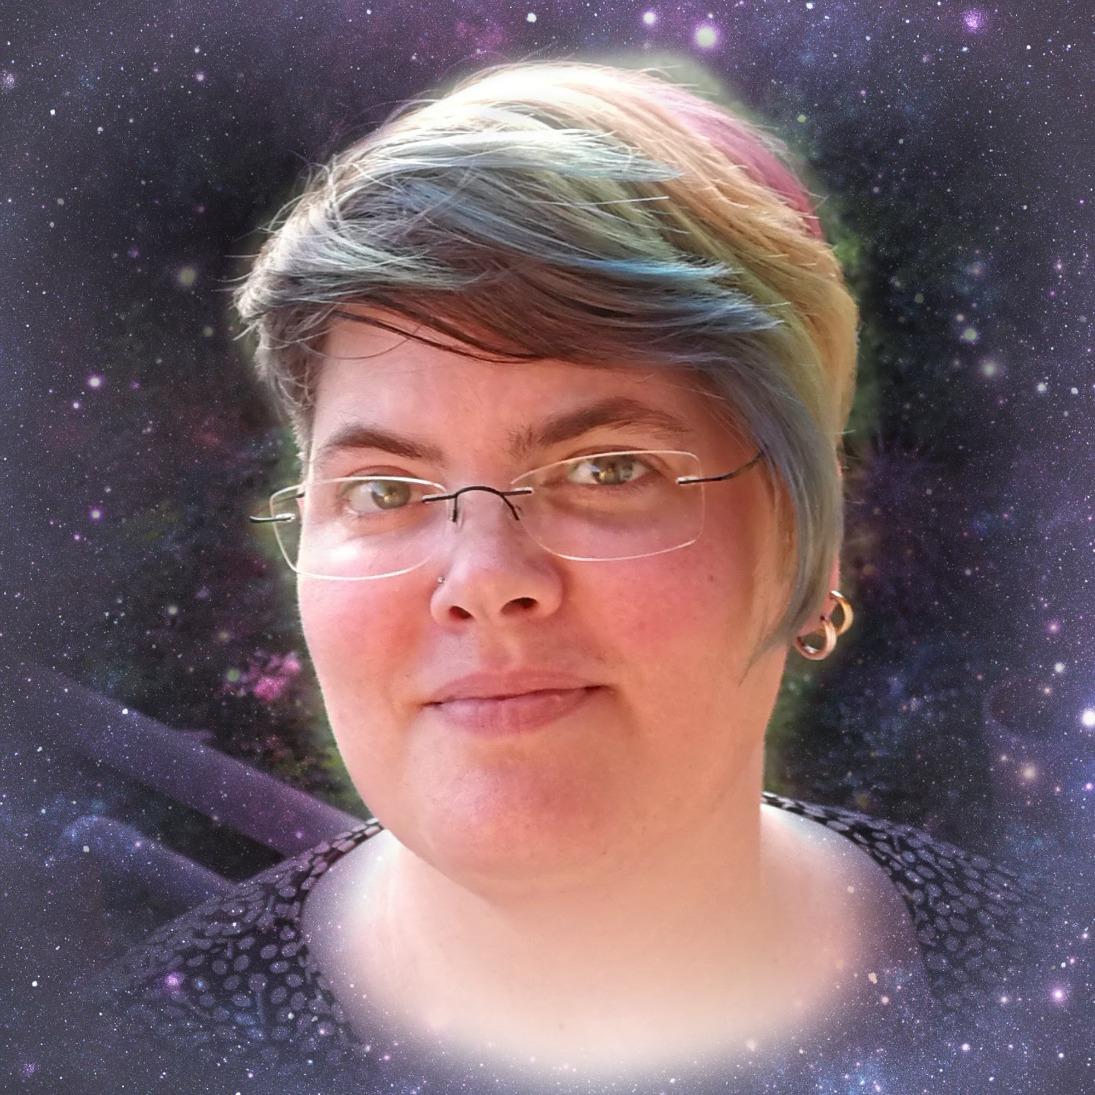 Johanna Ringe 2017 (c) www.dein-buntes-leben.de